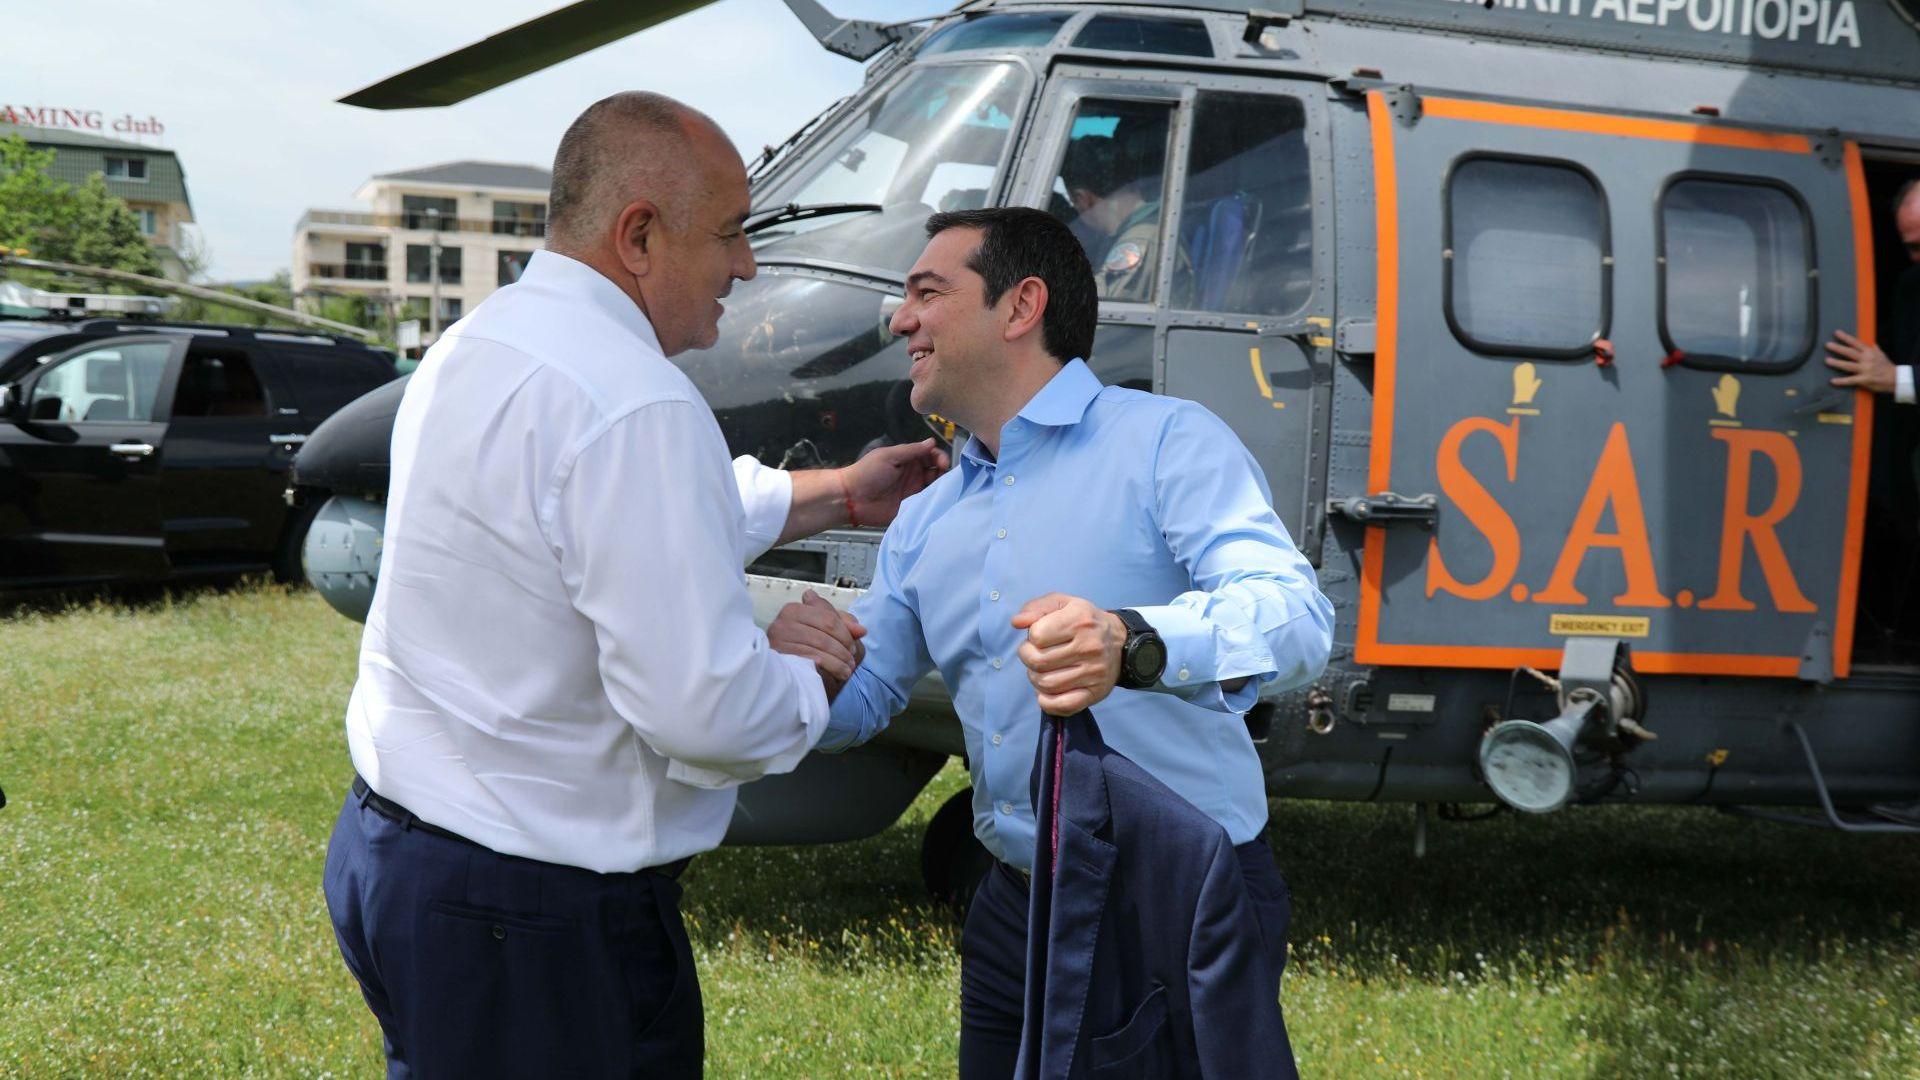 Бойко Борисов посрещна край Кирково Алексис Ципрас, който пристигна с хеликоптер Eurocopter AS332 Super Puma, използван от гръцките спасителни служби